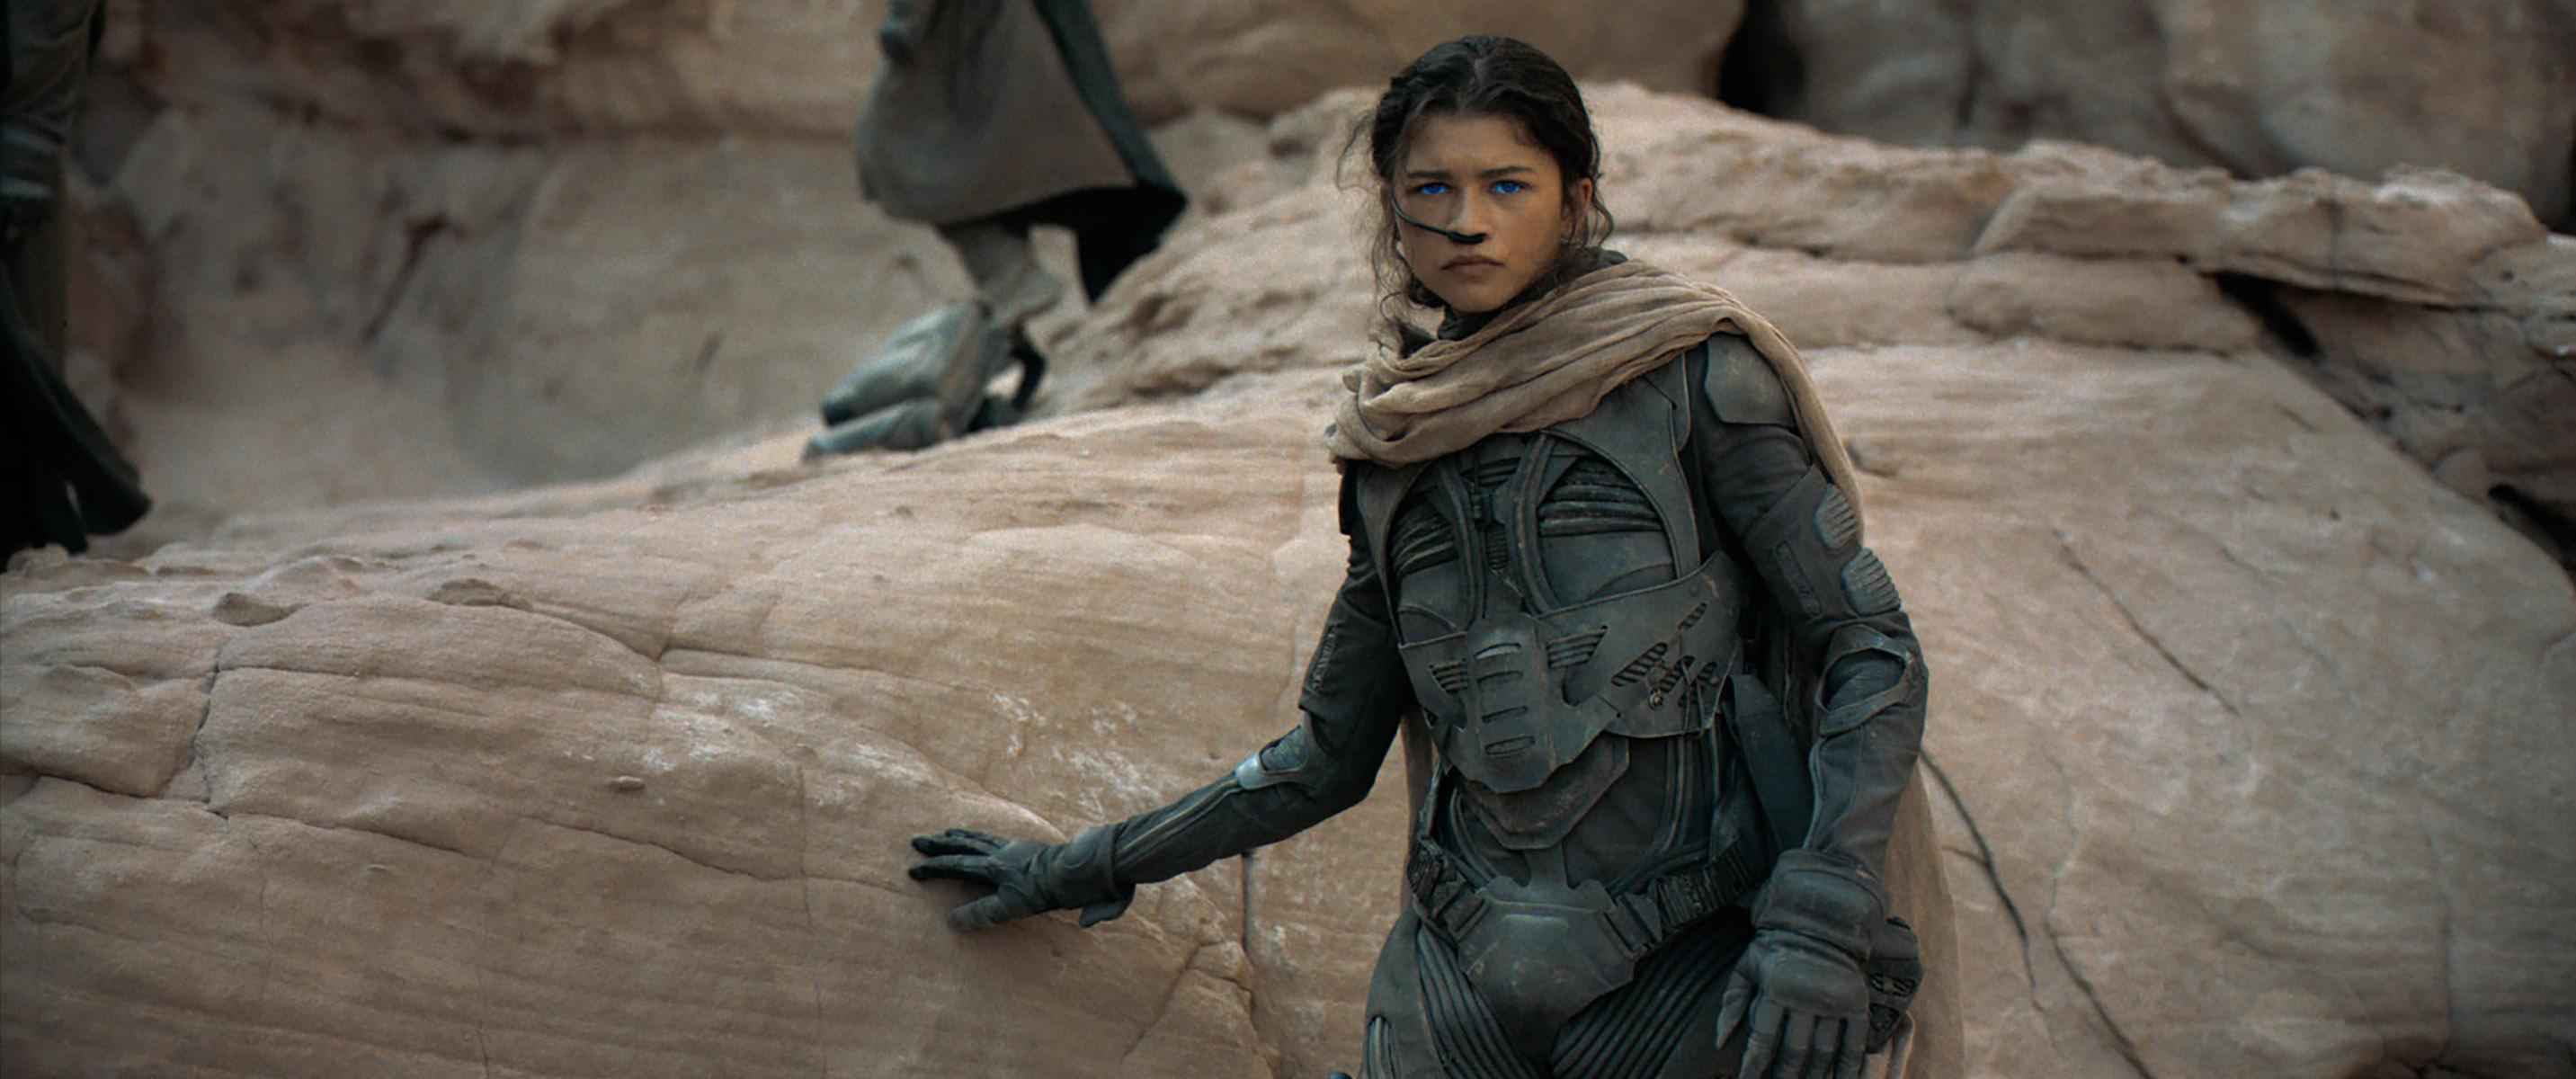 Zendaya in Dune: Part One (2021)